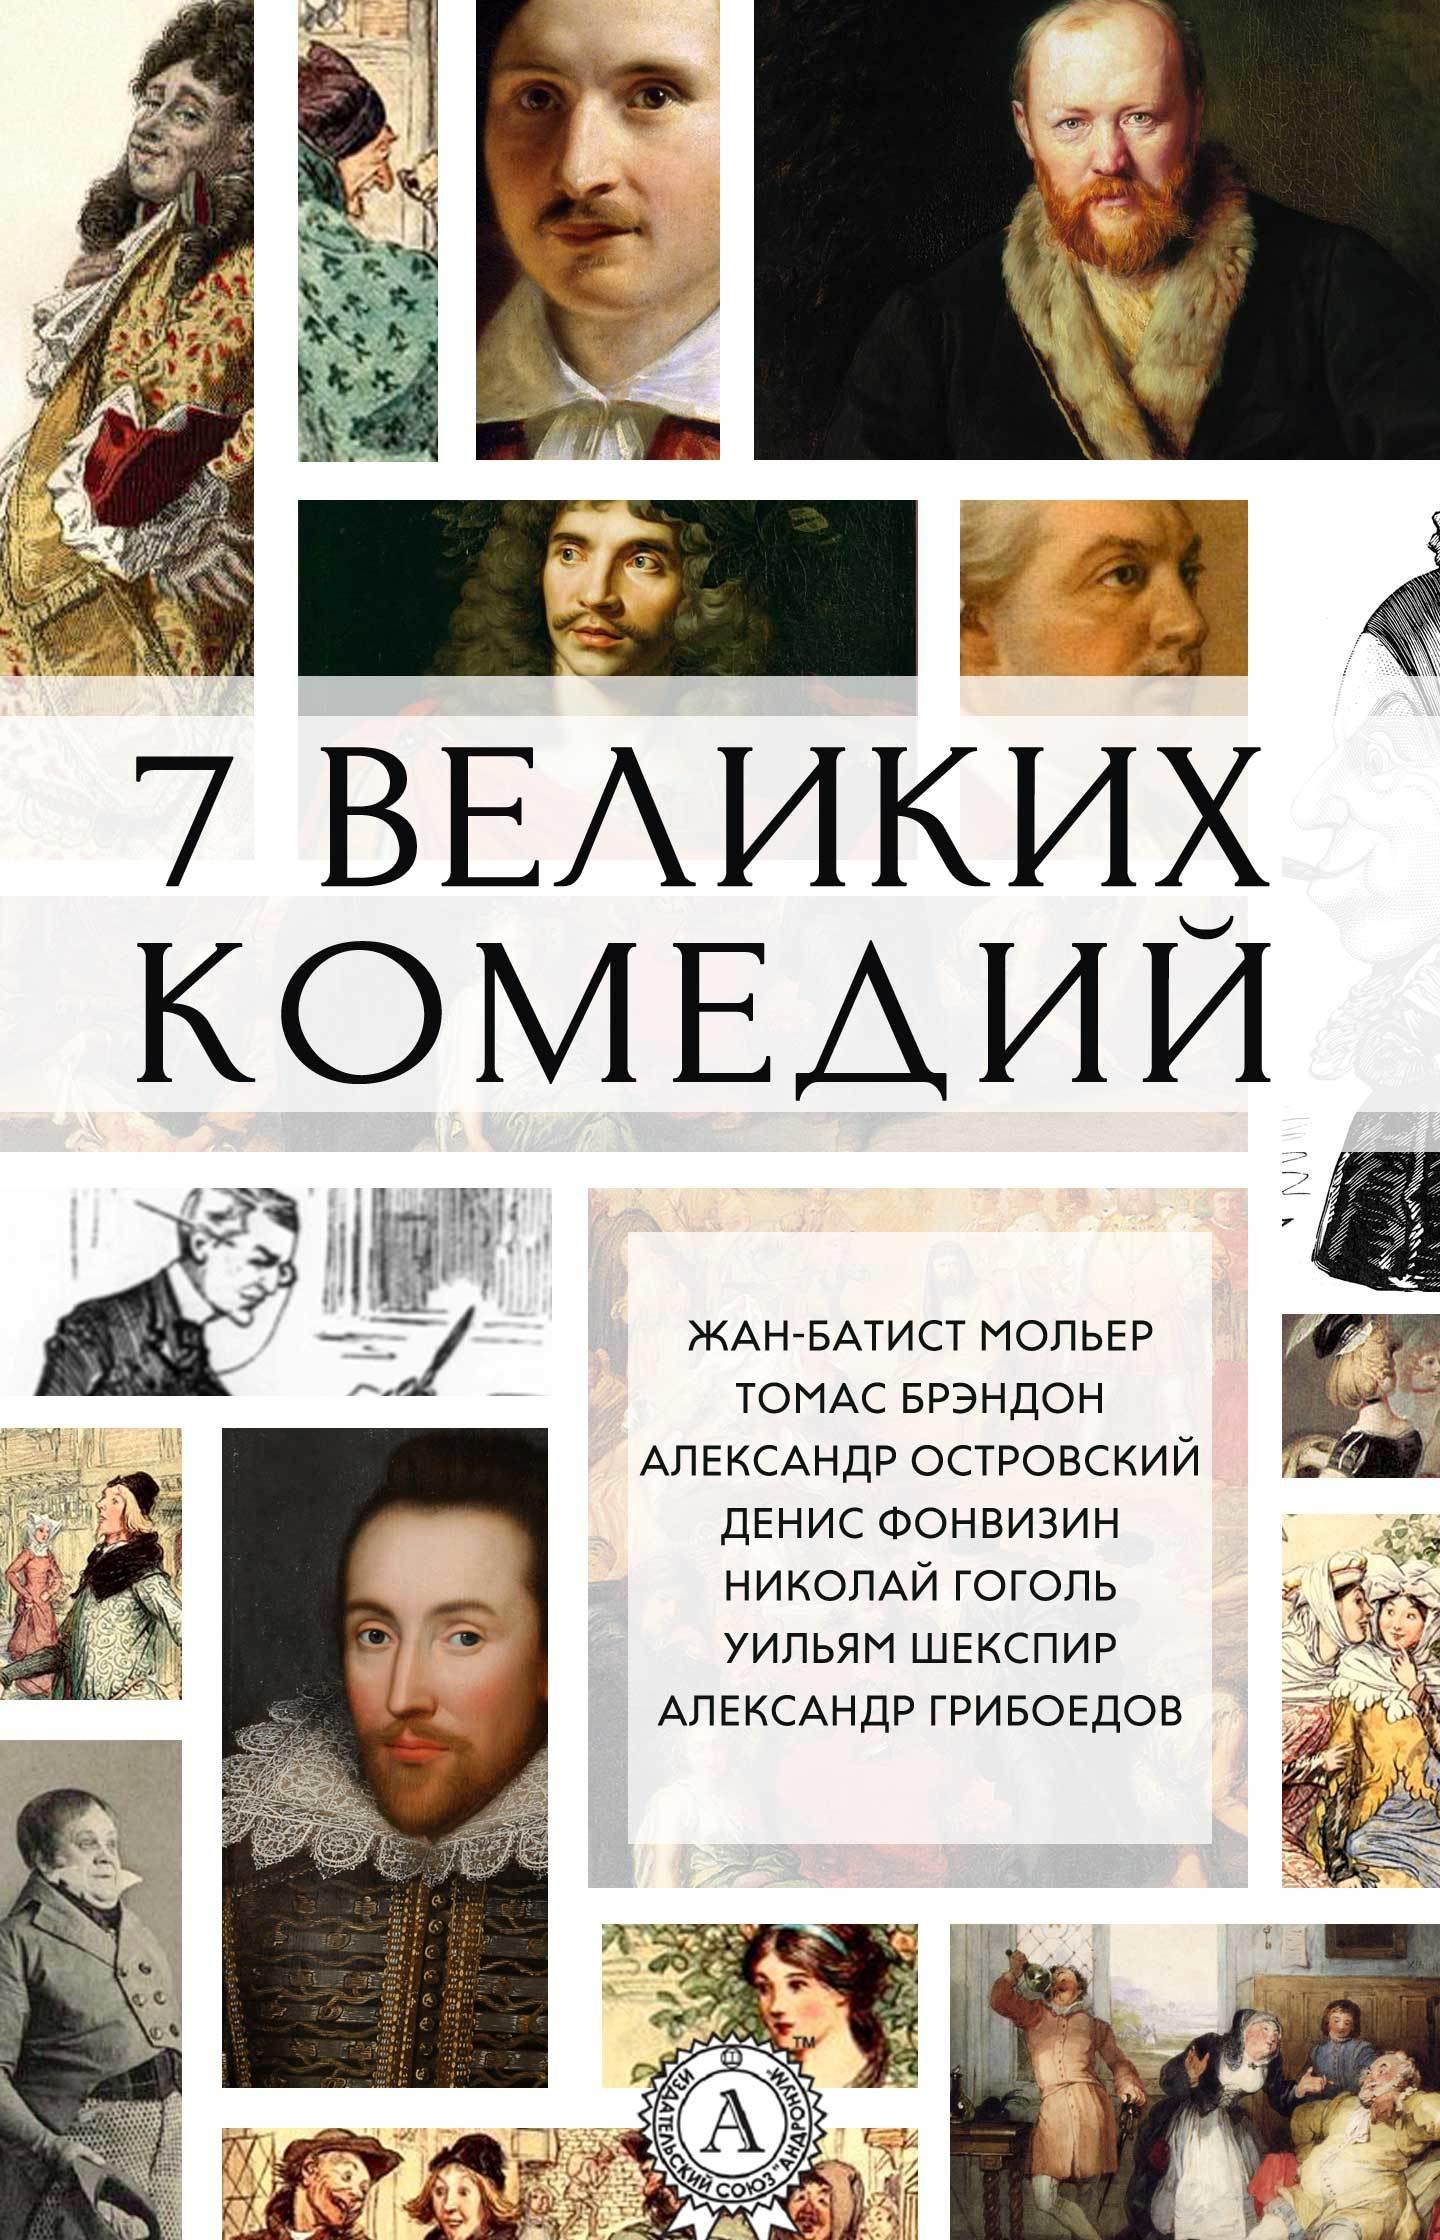 7 великих комедий (сборник)